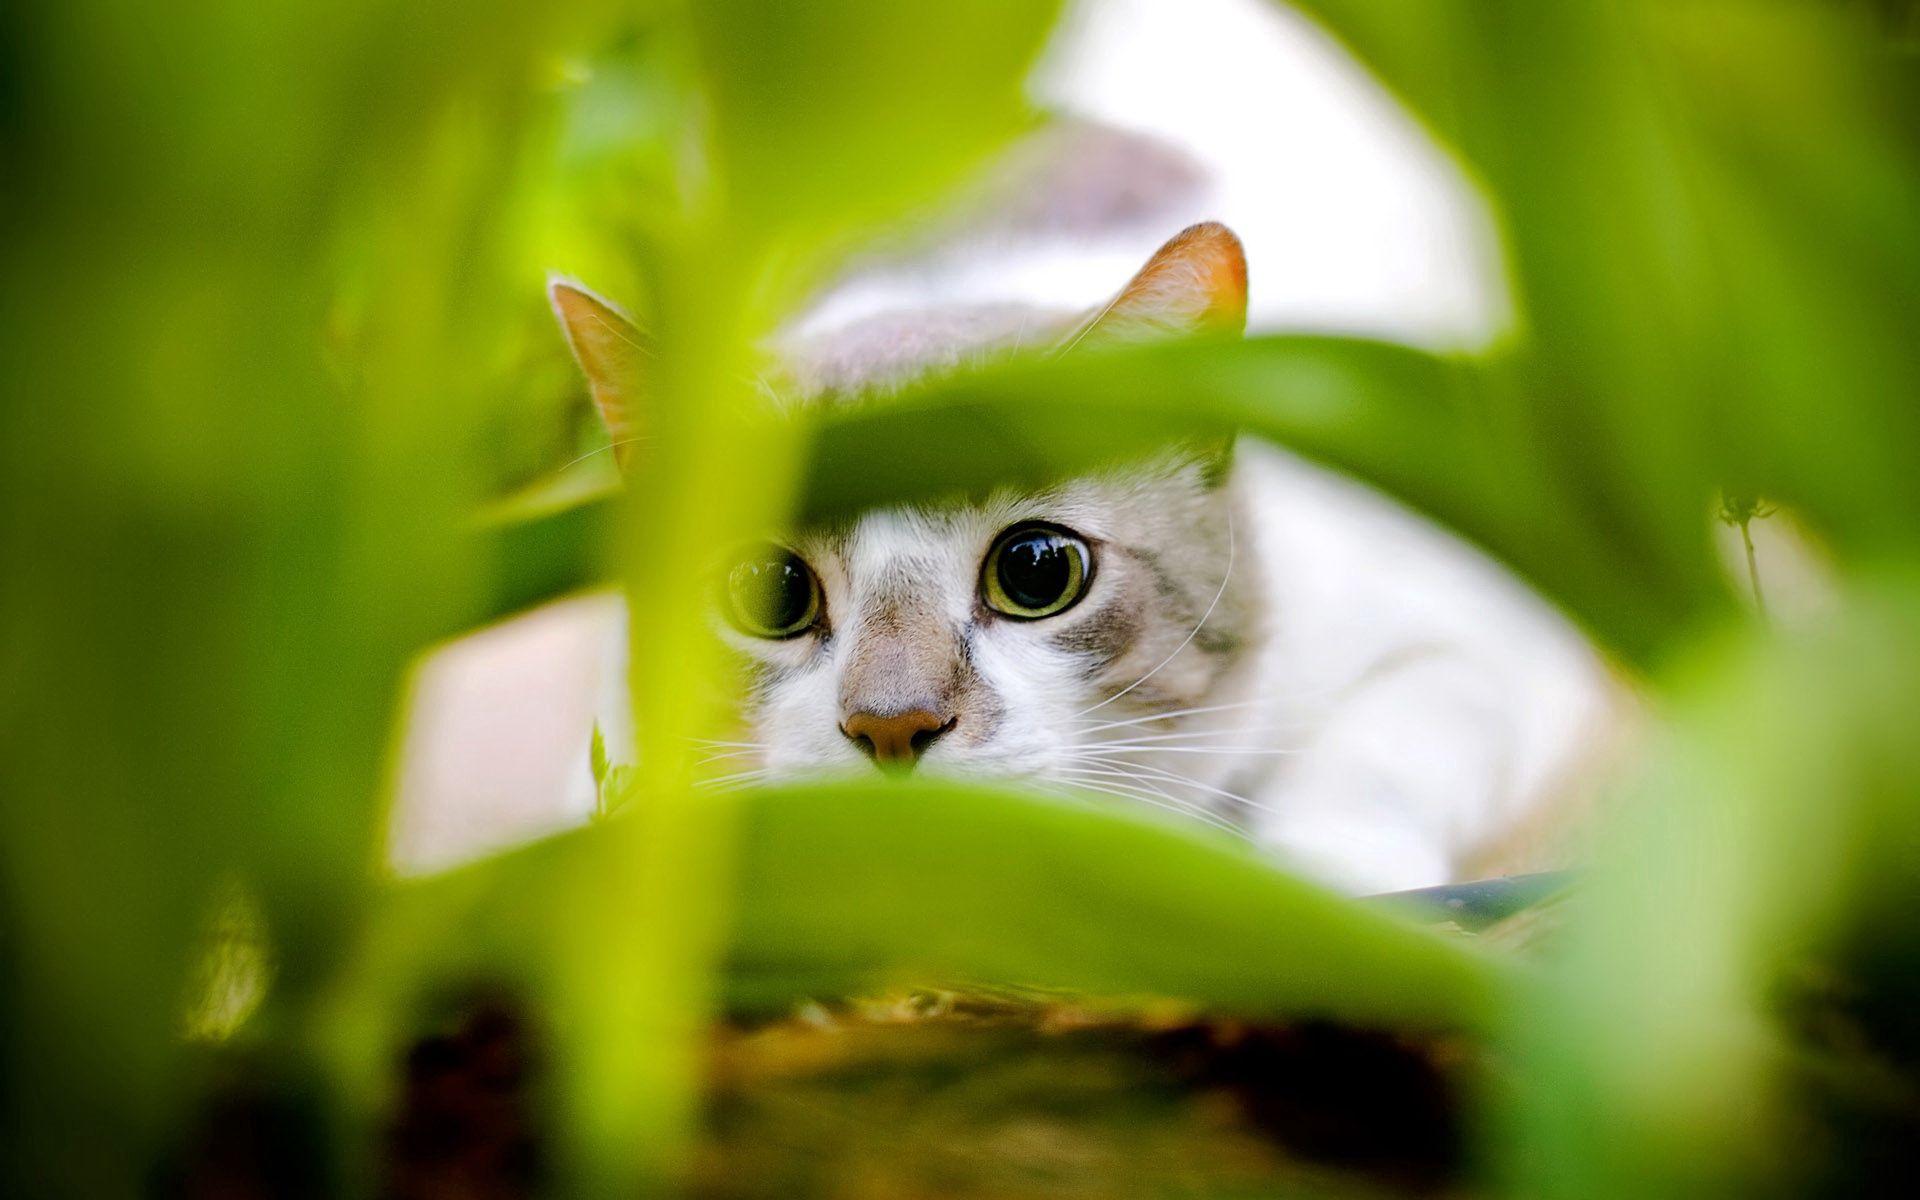 100585 скачать обои Животные, Кот, Серый, Белый, Трава, Охота - заставки и картинки бесплатно